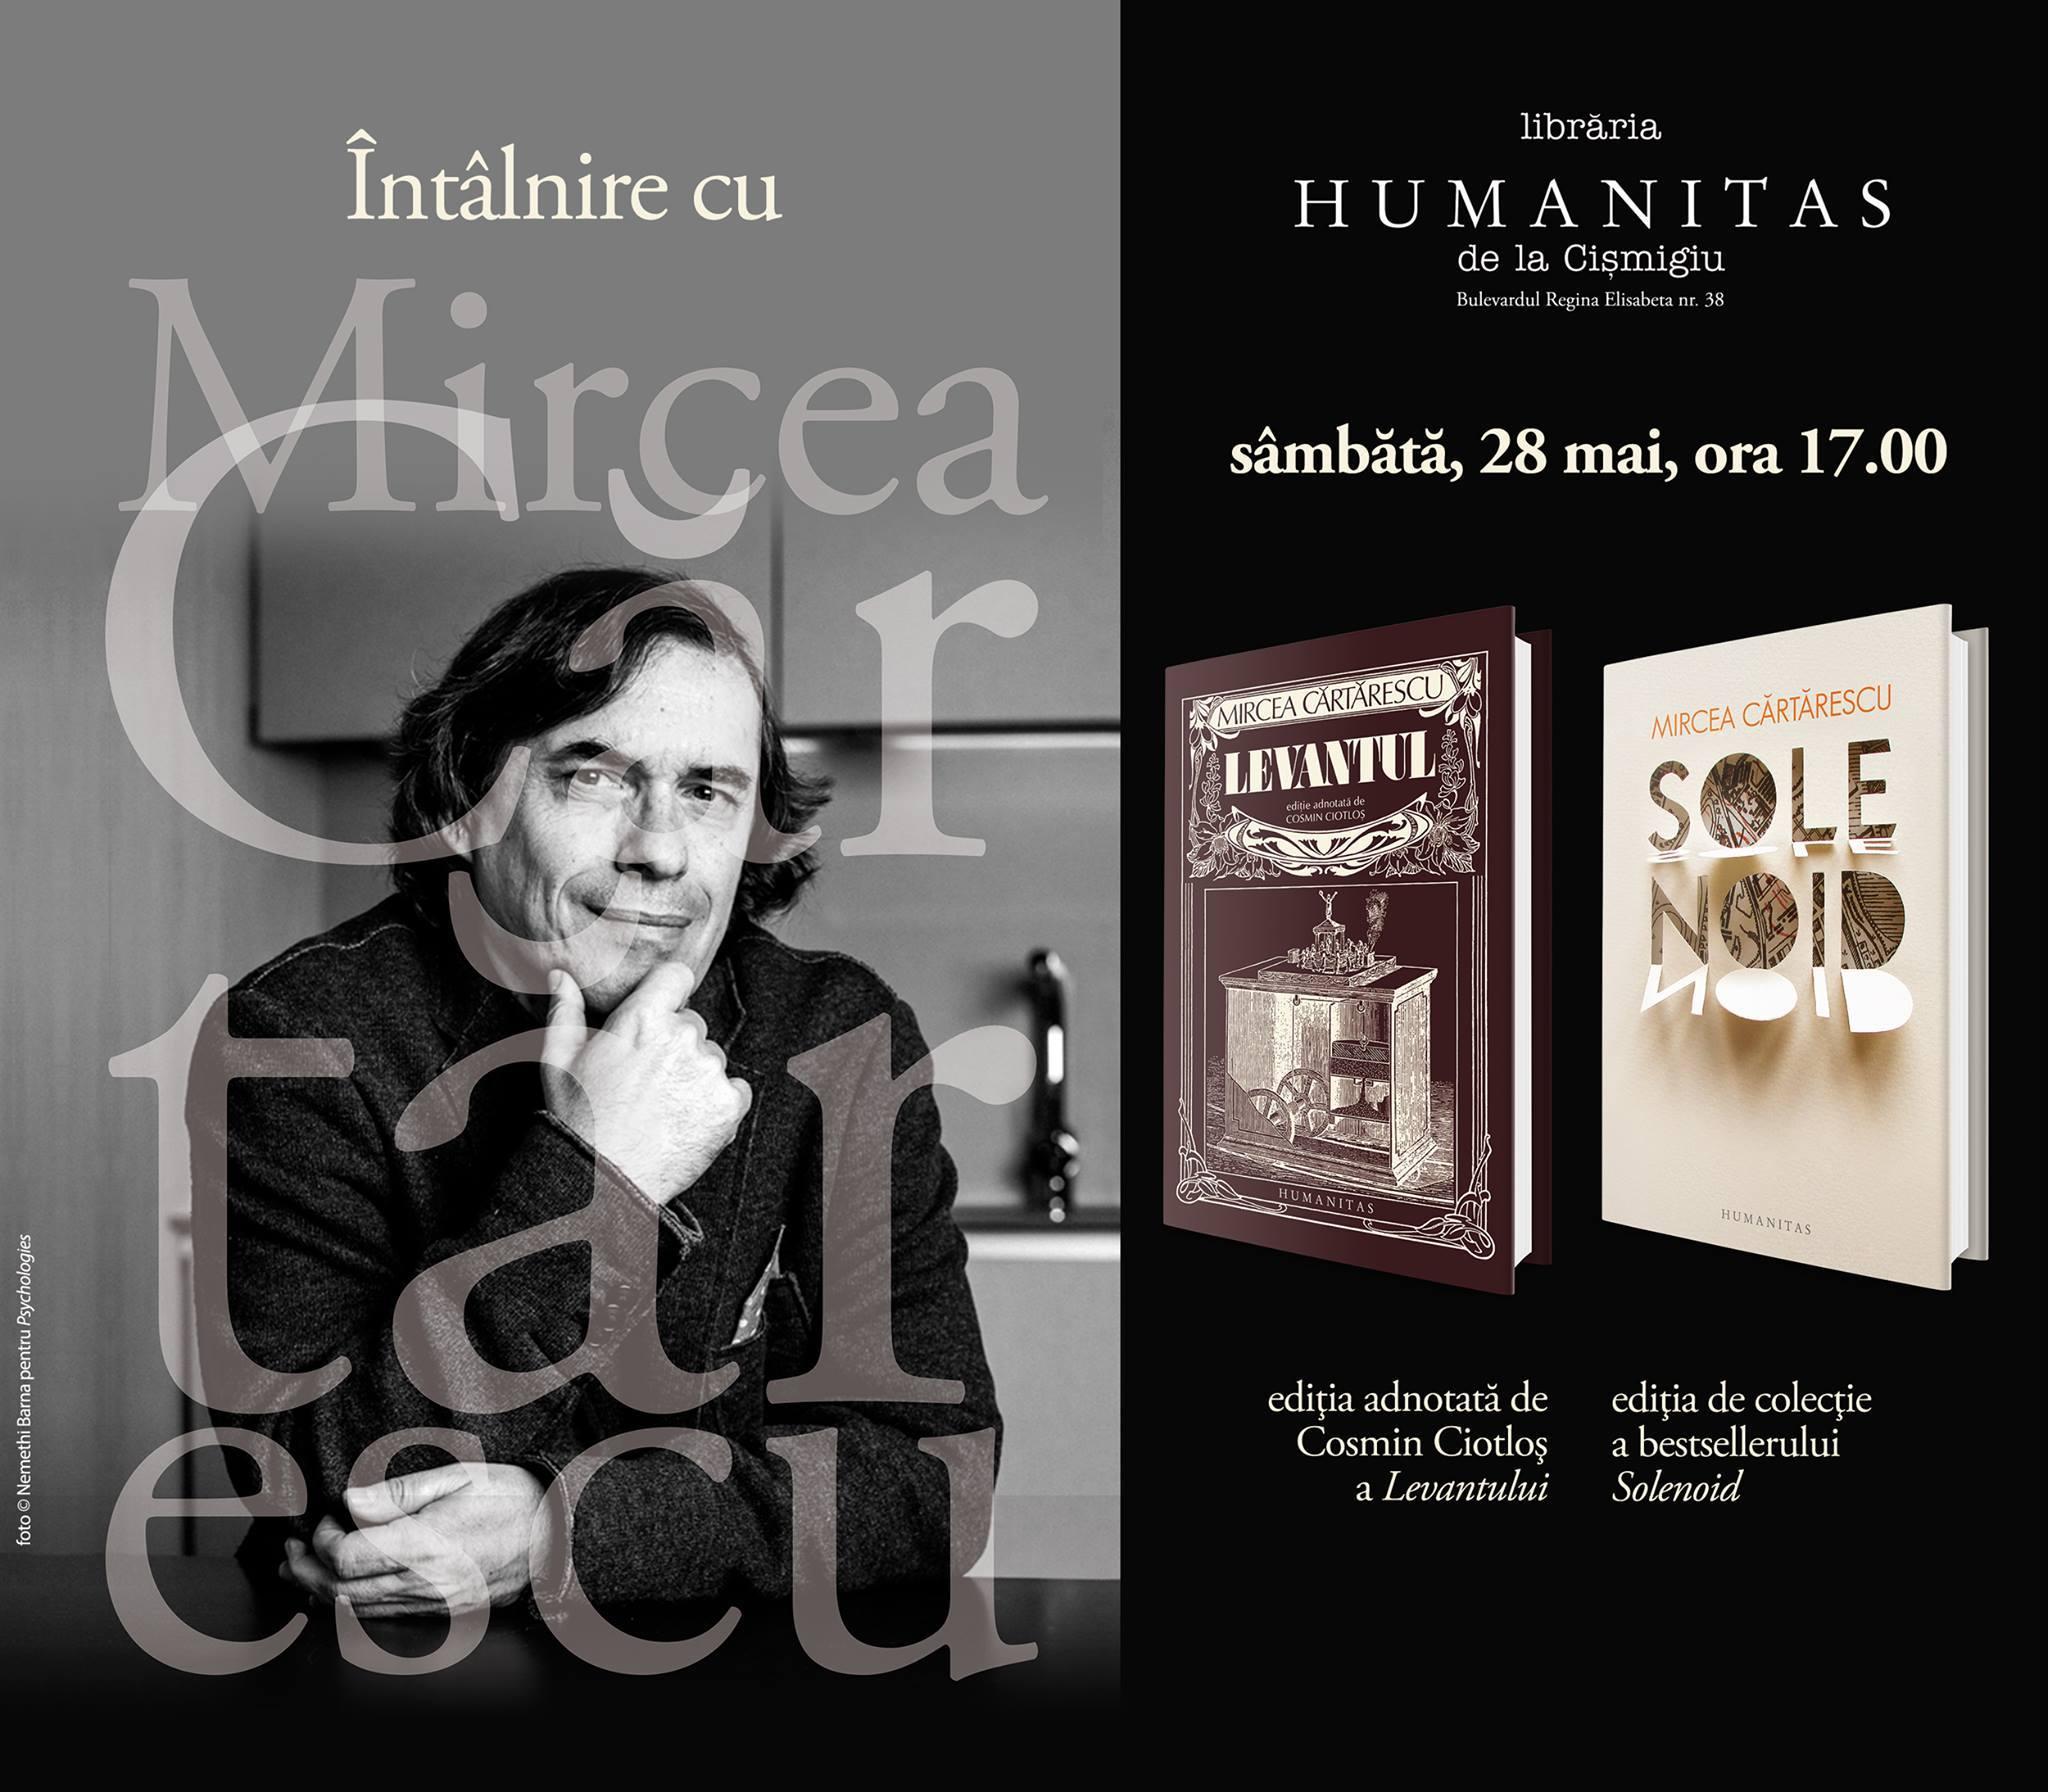 Întâlnire cu Mircea Cărtărescu şi invitaţii săi